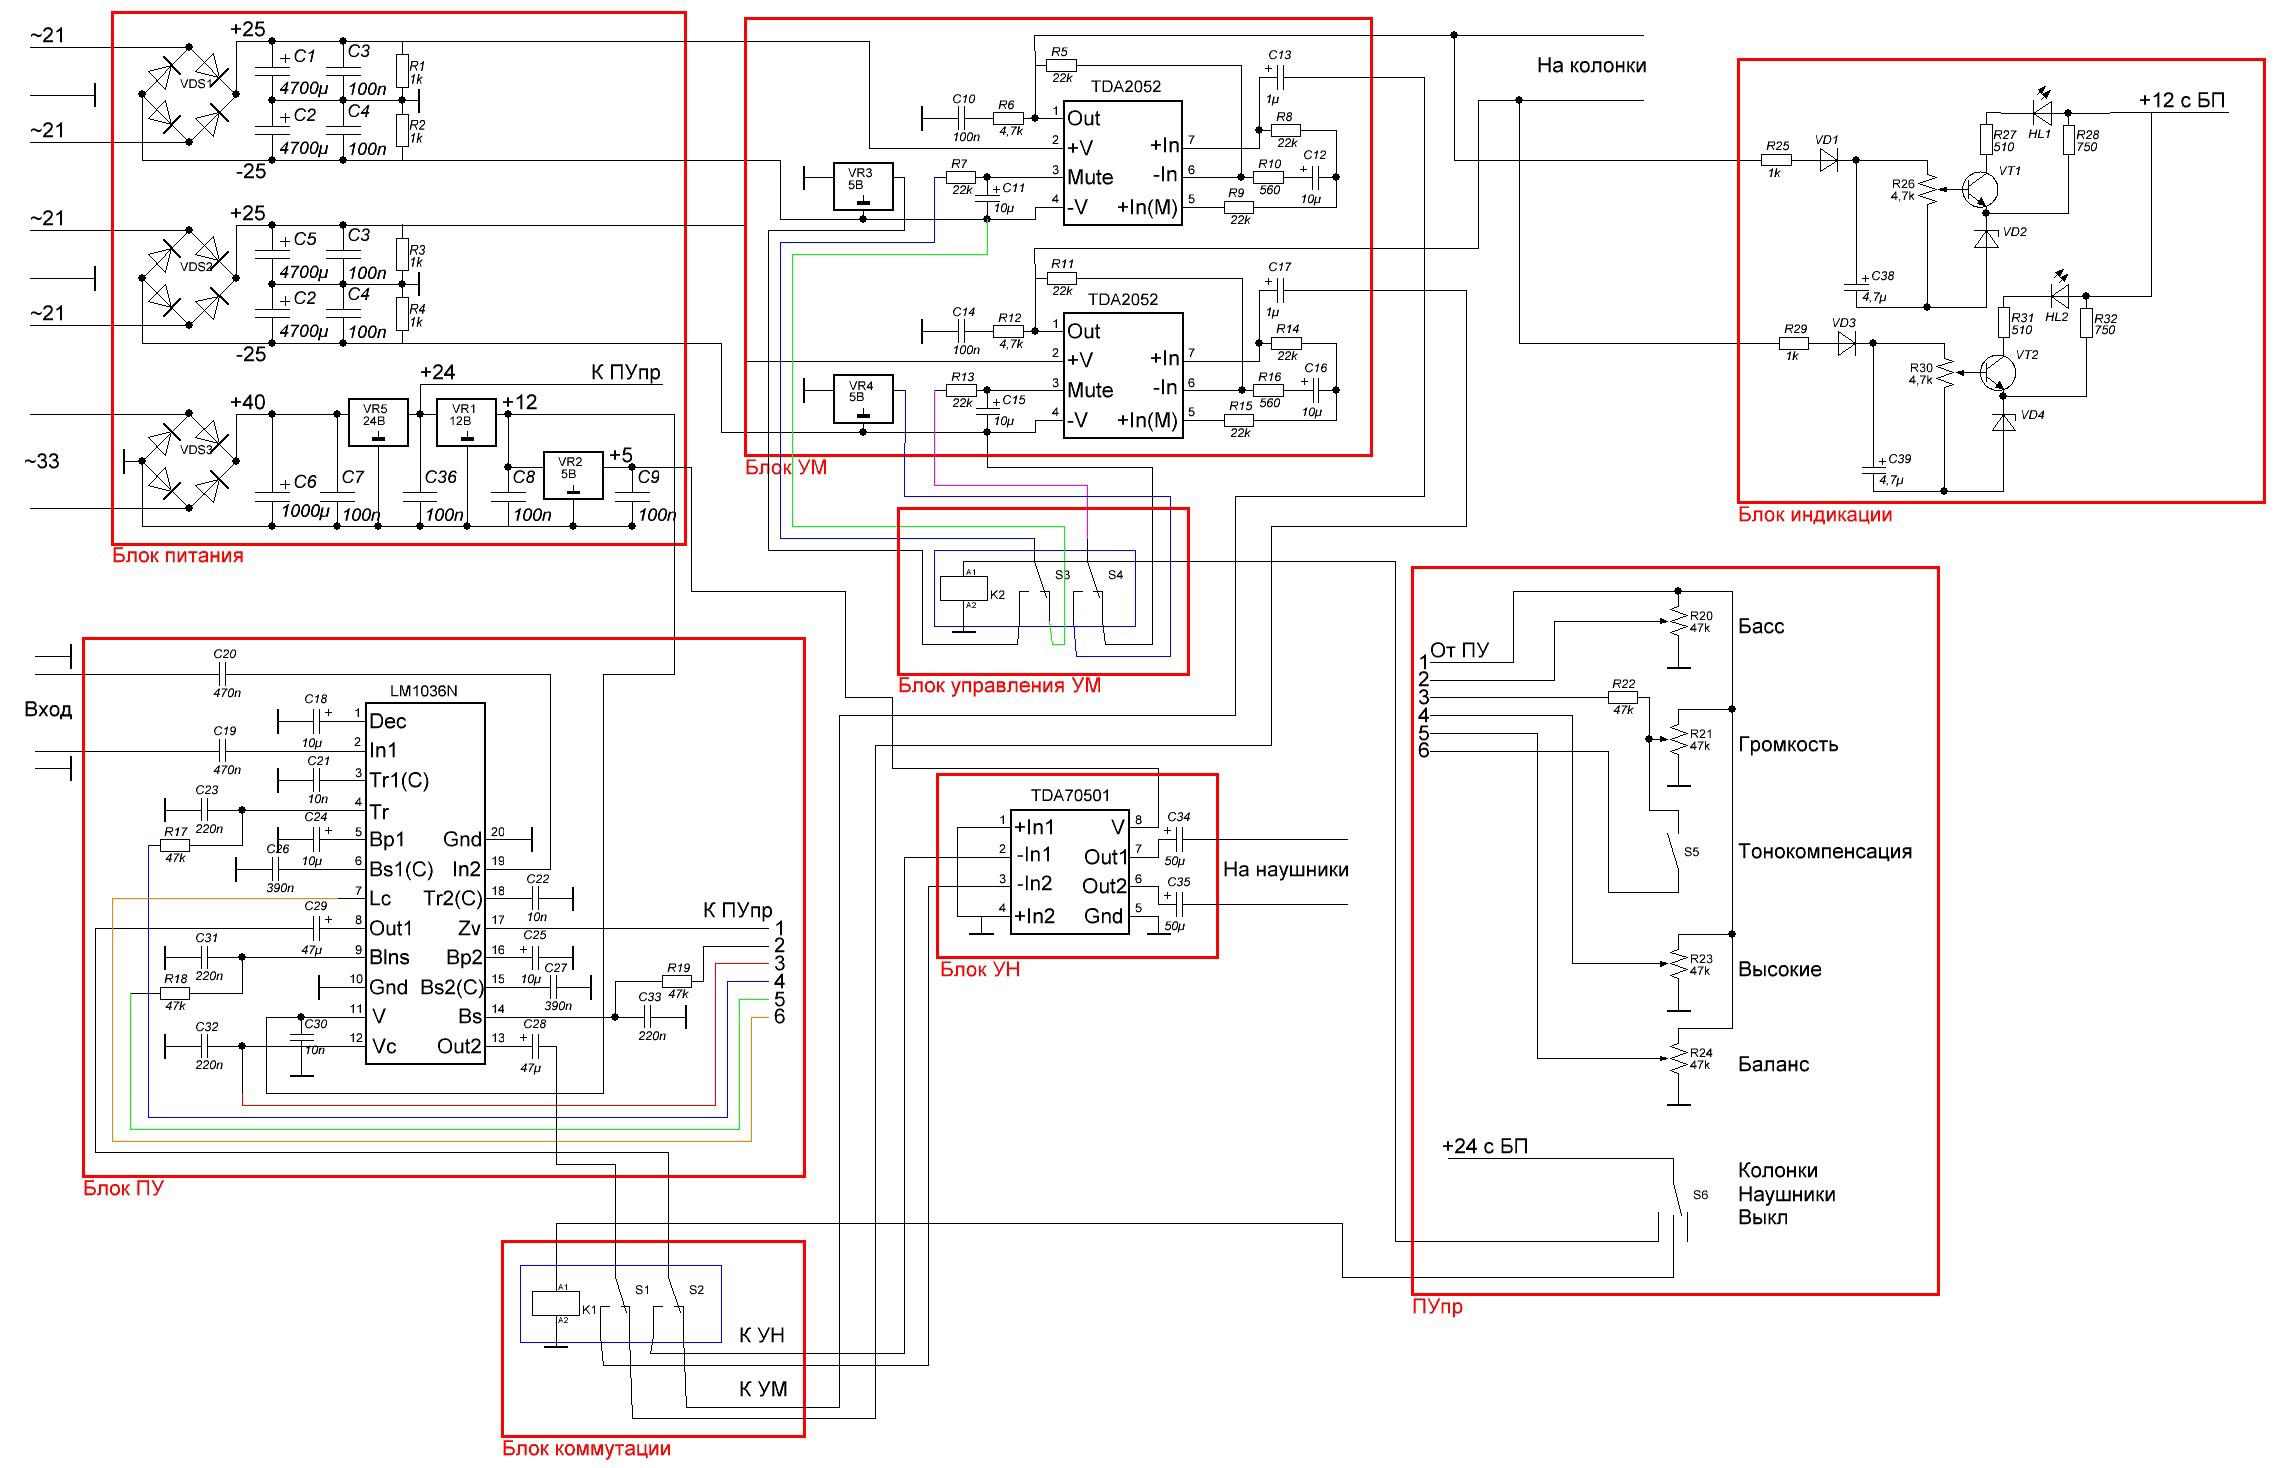 Схема усилителя барк у-001 стерео hi-fi